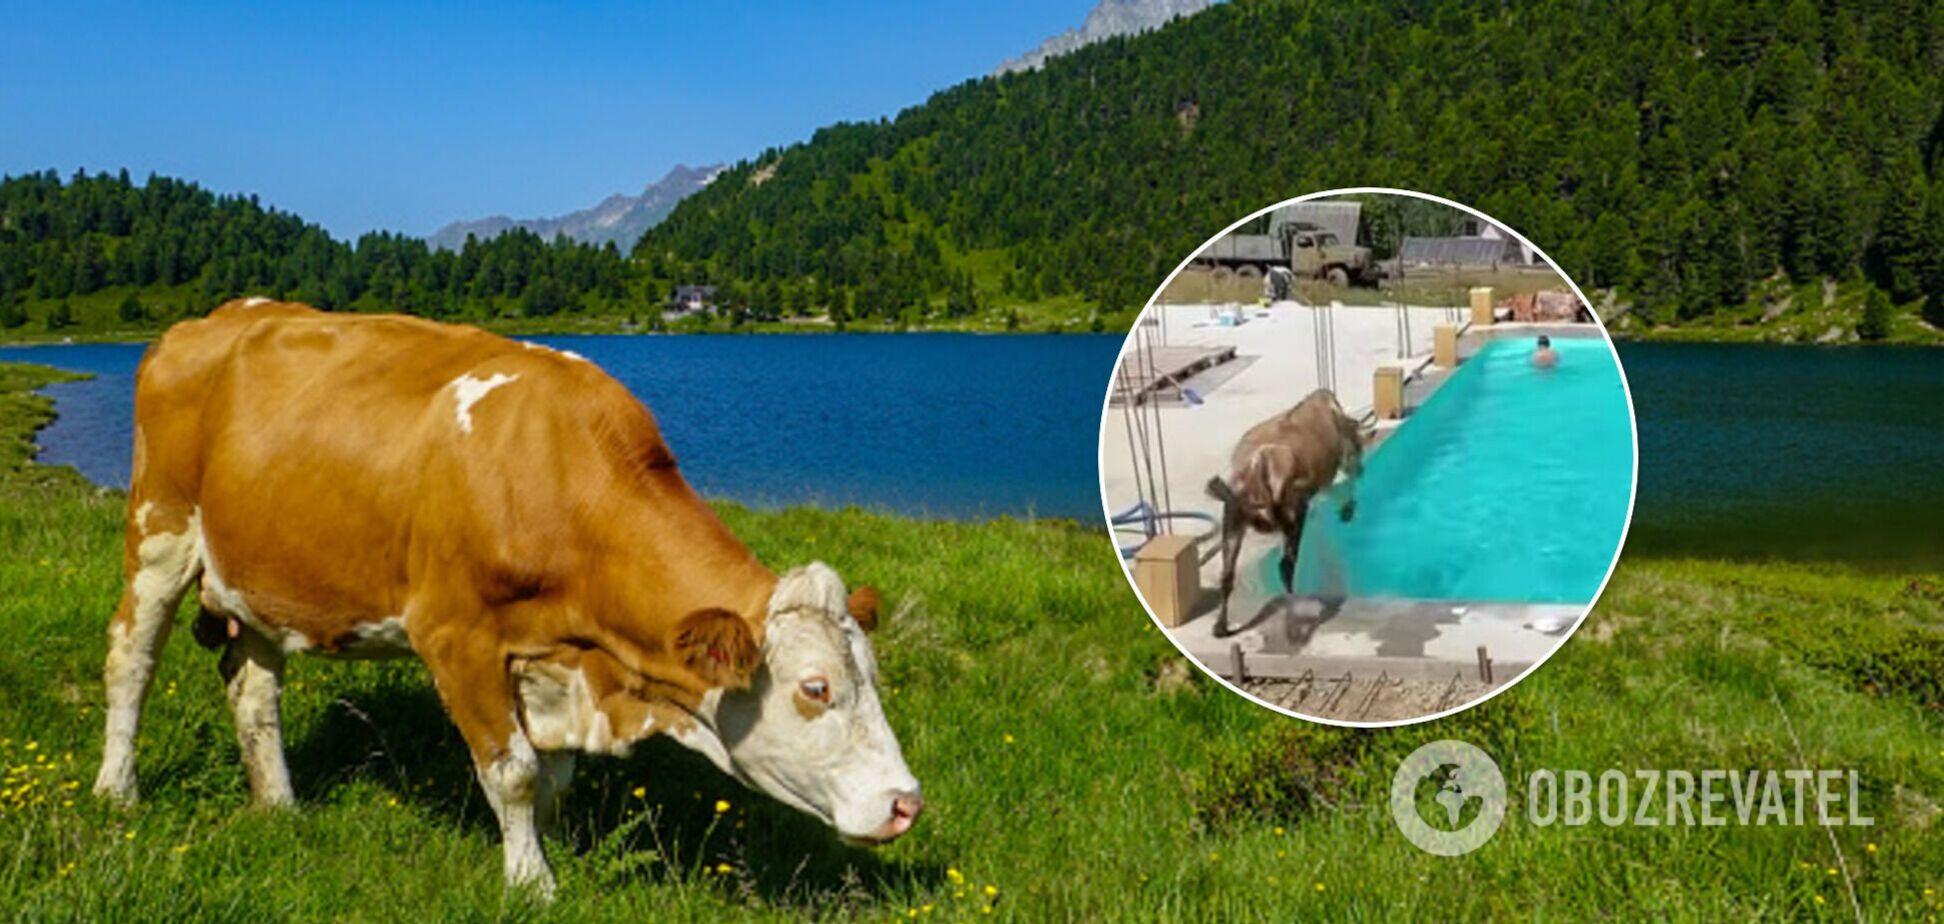 У Карпатах корова стрибнула в басейн із туристами. Відео